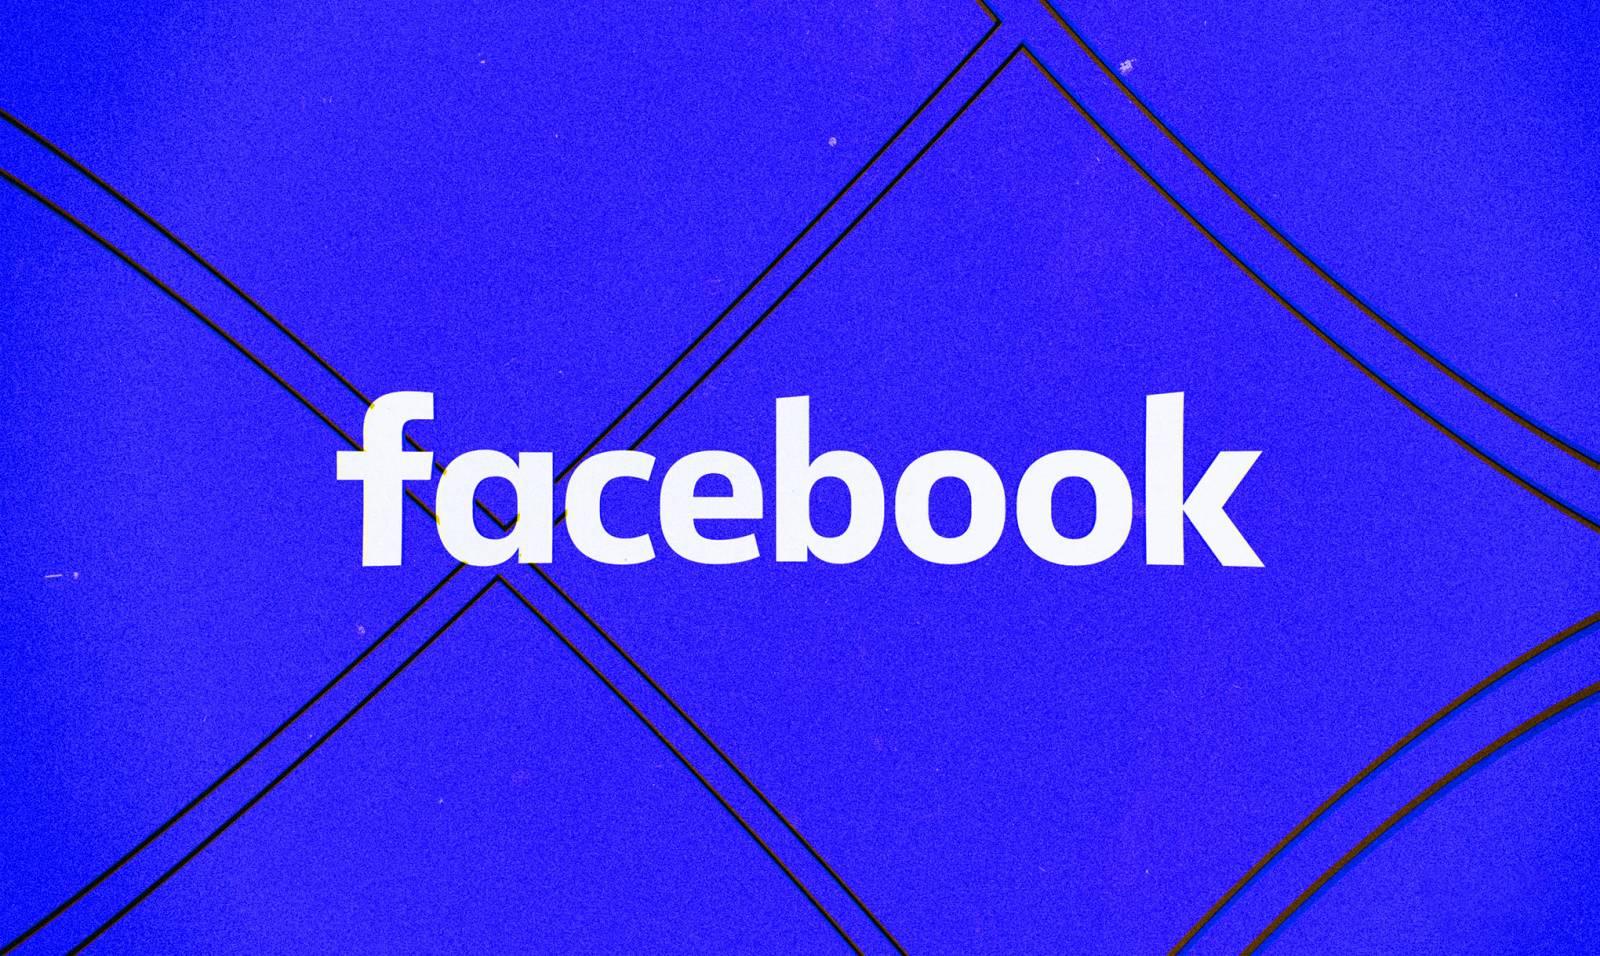 Facebok Noua Actualizare Lansata, ce Schimbari aduce pentru noi